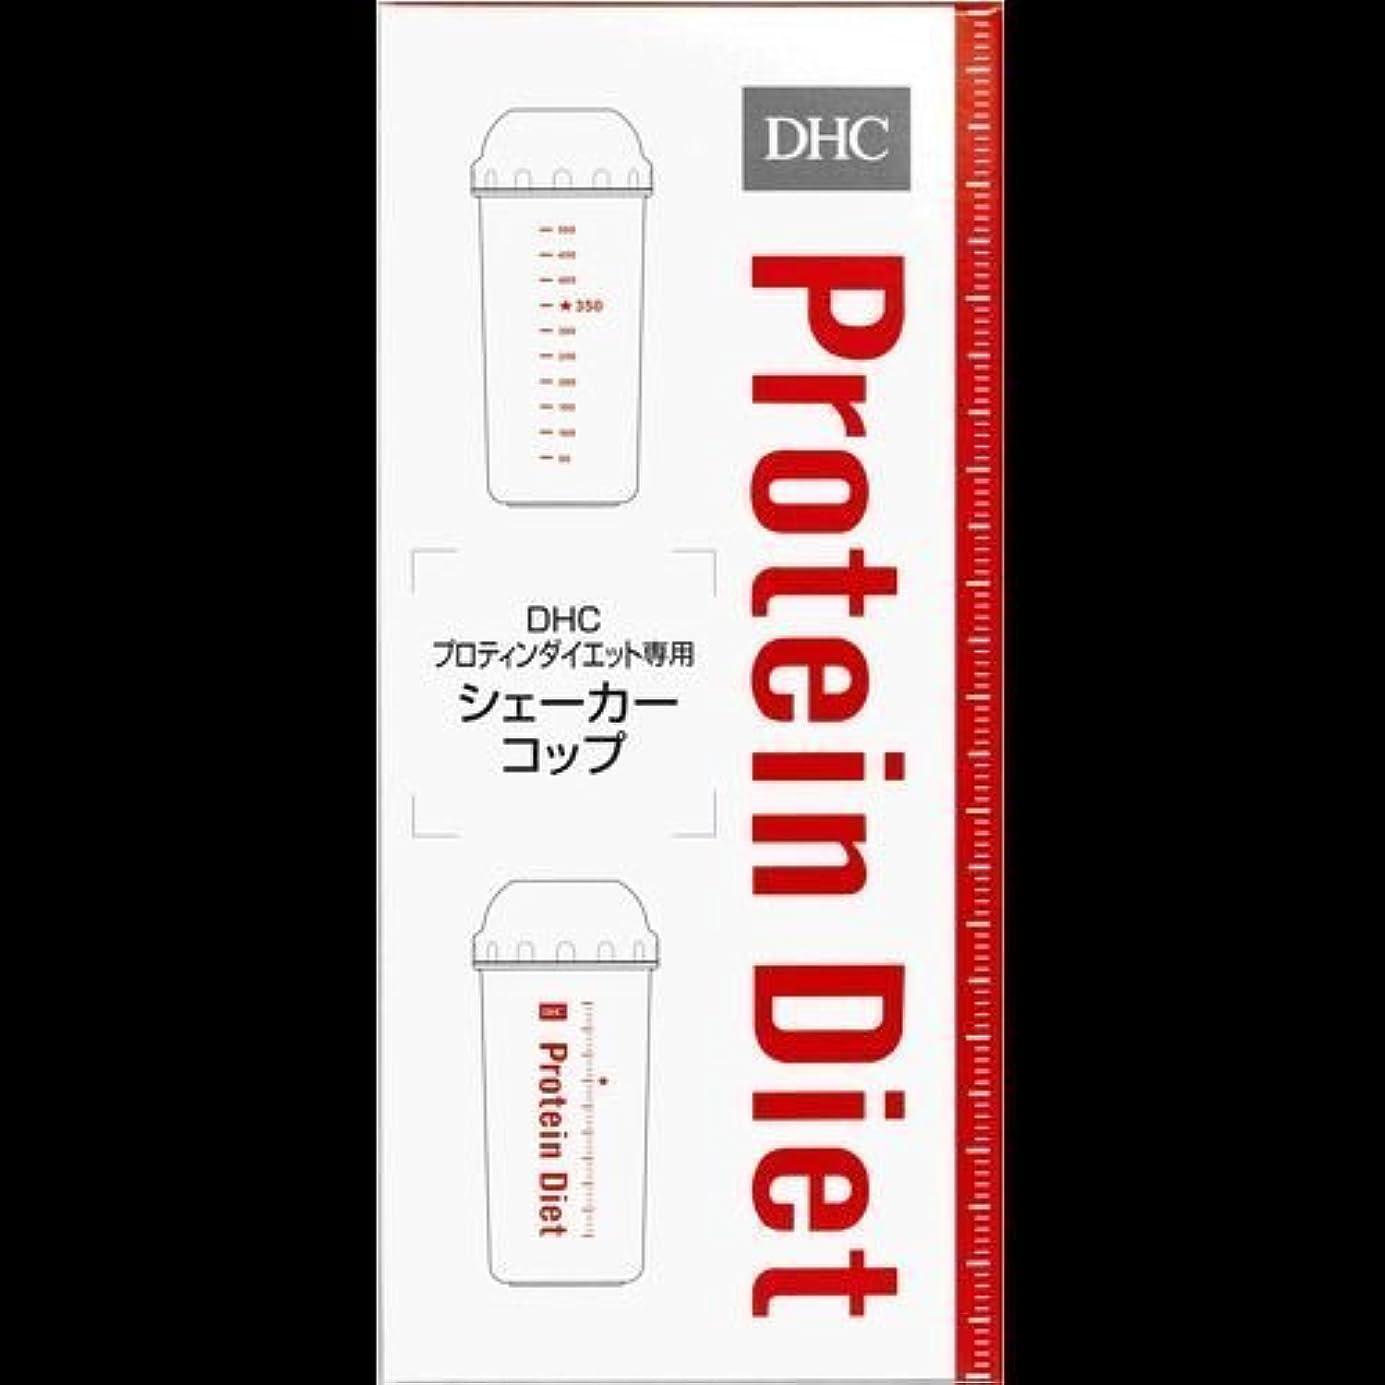 グロー塊ライラック【まとめ買い】DHC プロティンダイエット 専用シェーカーコップ ×2セット